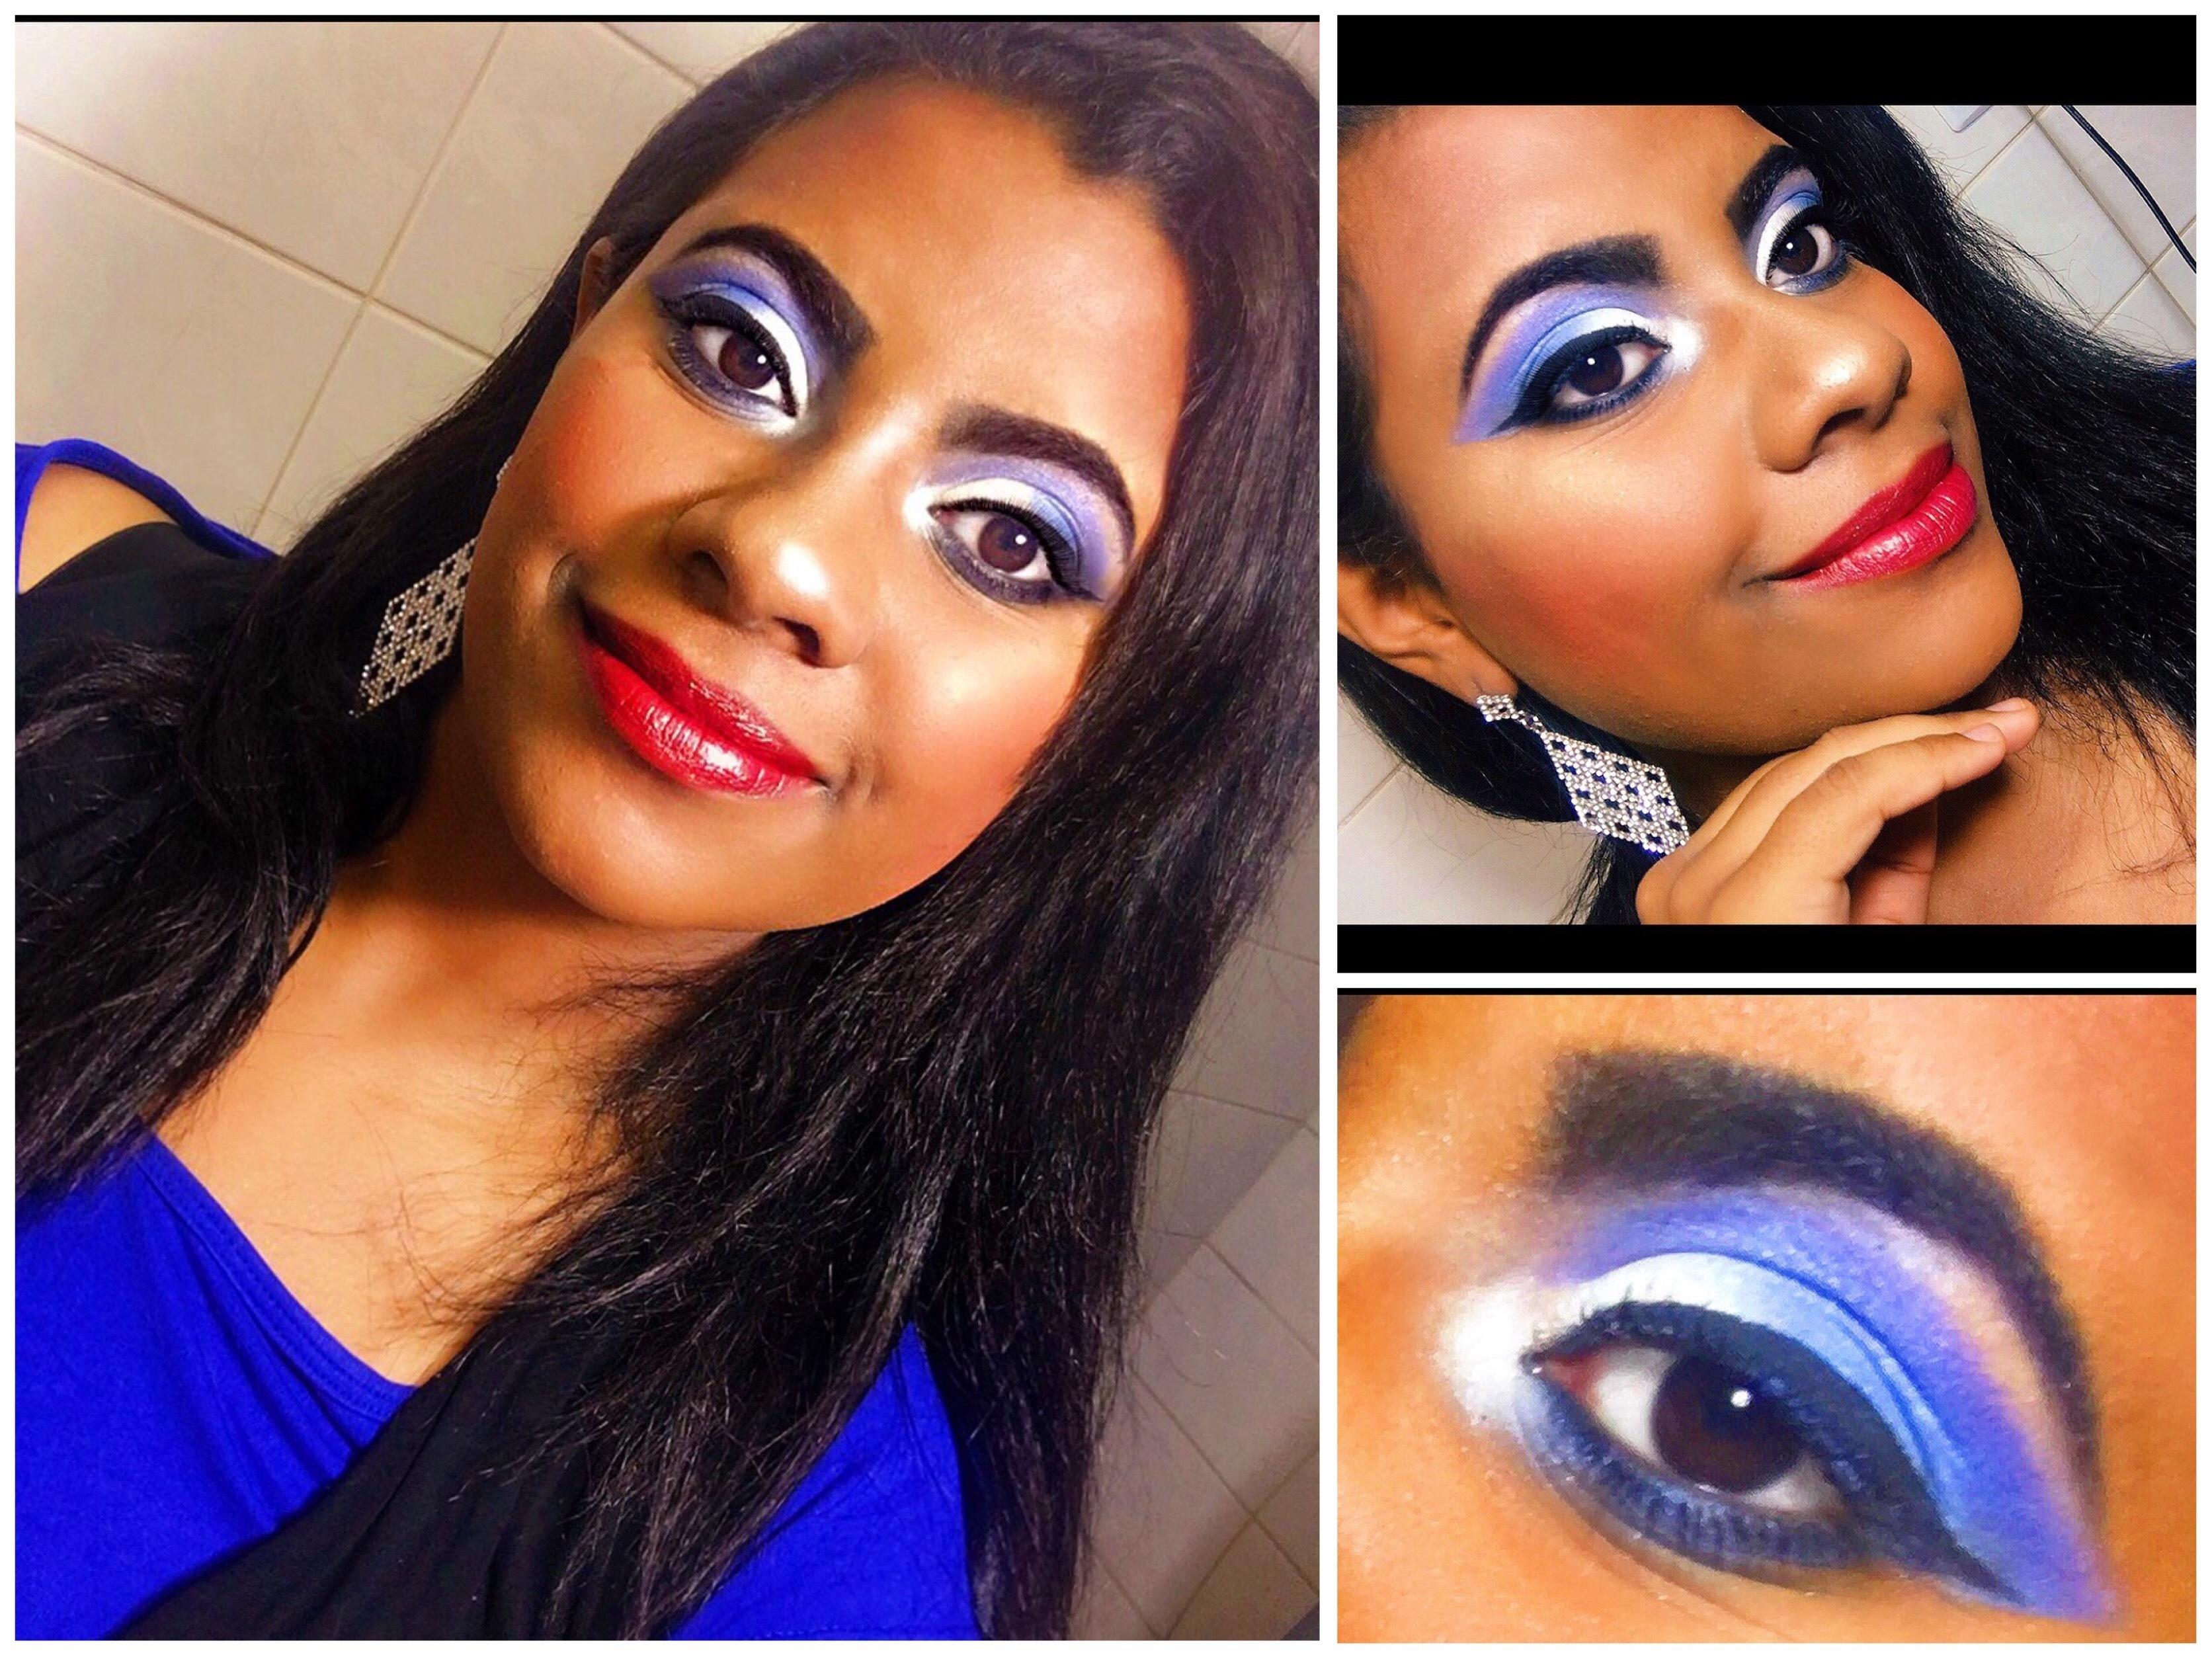 Foto para eventos especiais , como : Casamentos , formaturas ... maquiagem esteticista assistente esteticista estudante (esteticista)